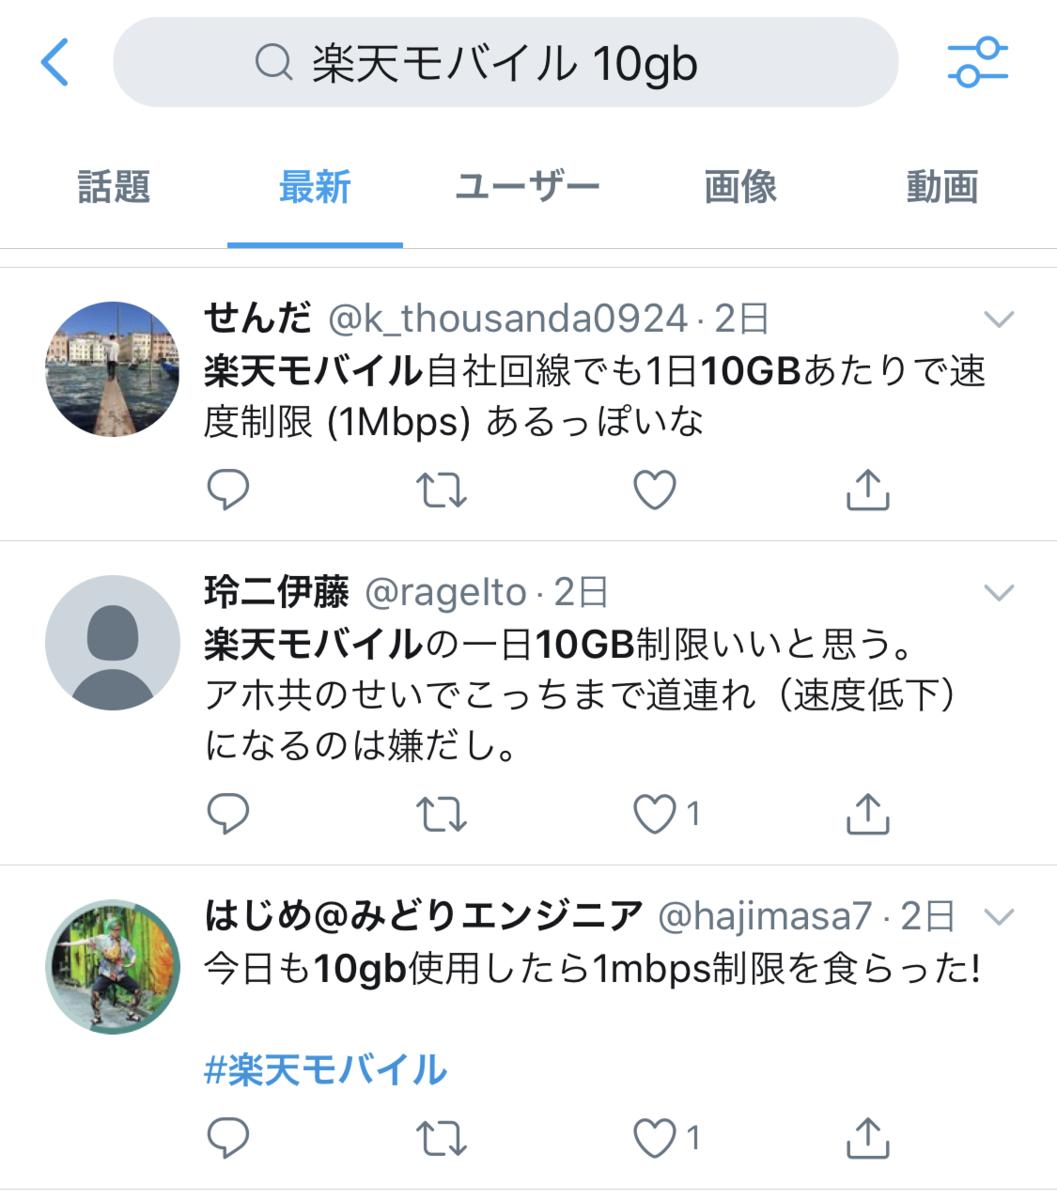 f:id:kakimaru-san:20200413231619p:plain